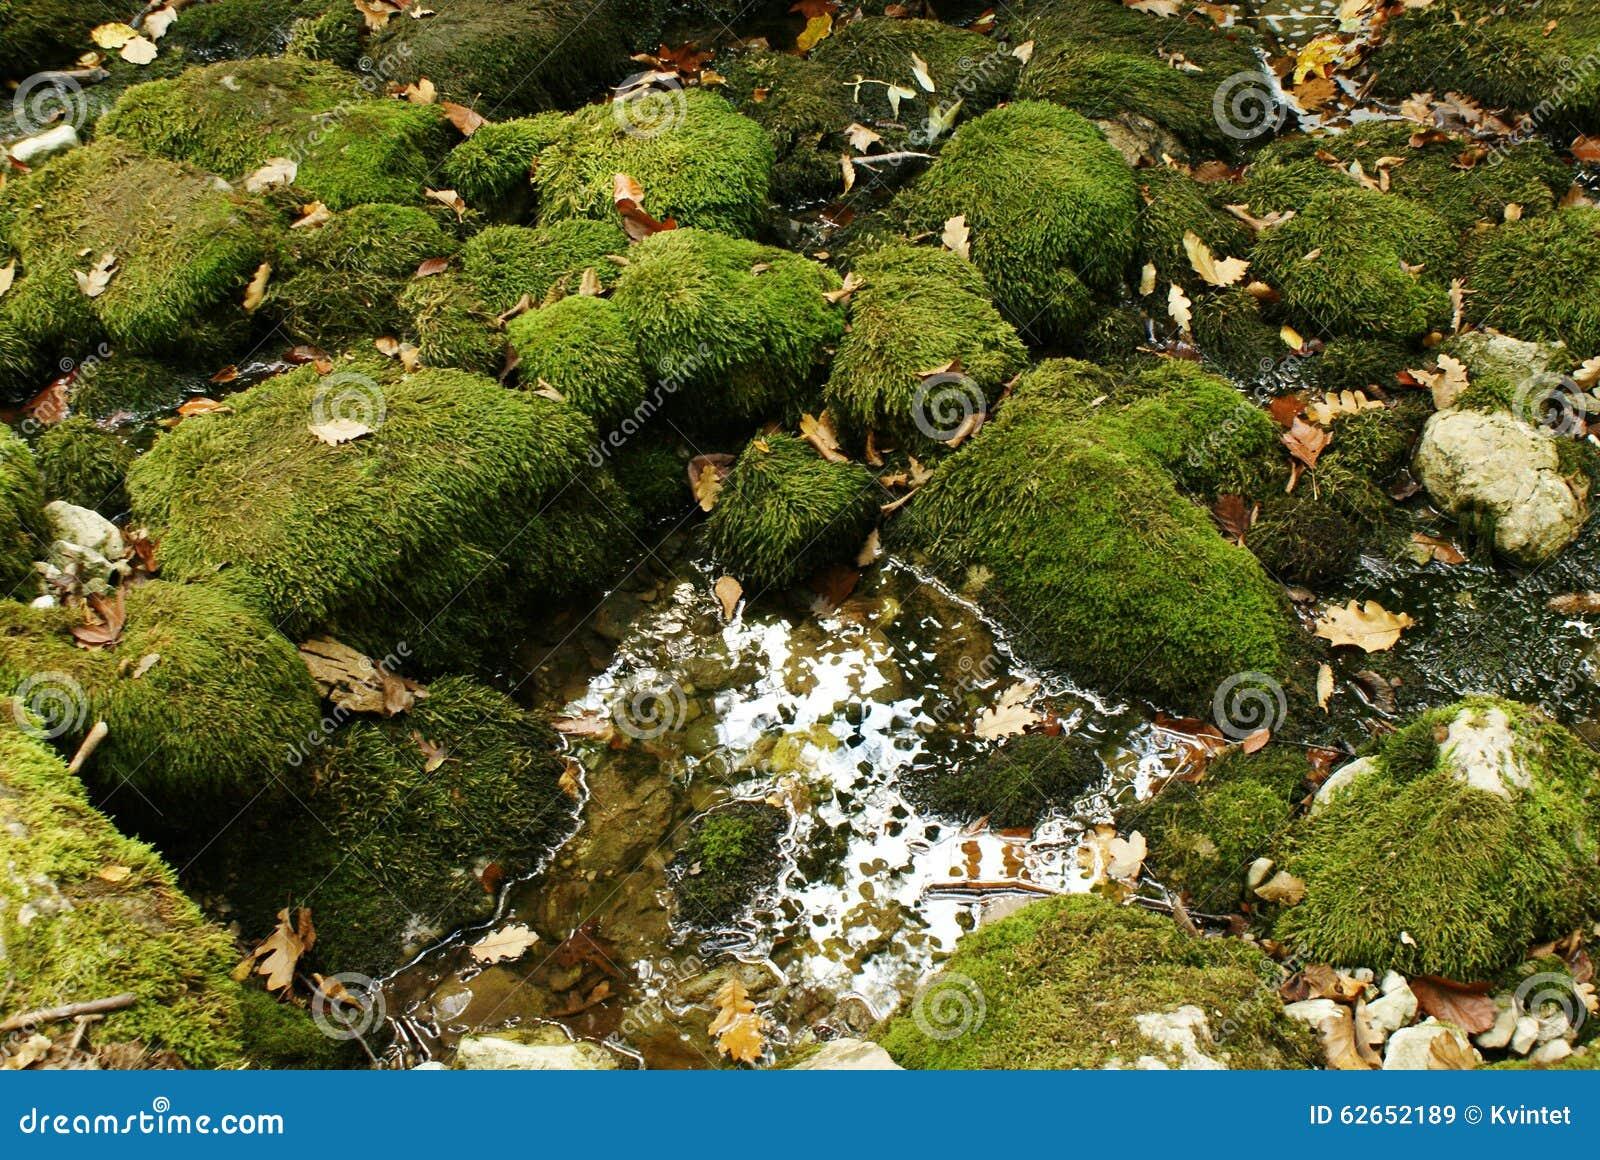 Muschio di verde della natura del fondo sui massi, sulle foglie di autunno e su una pozza di acqua